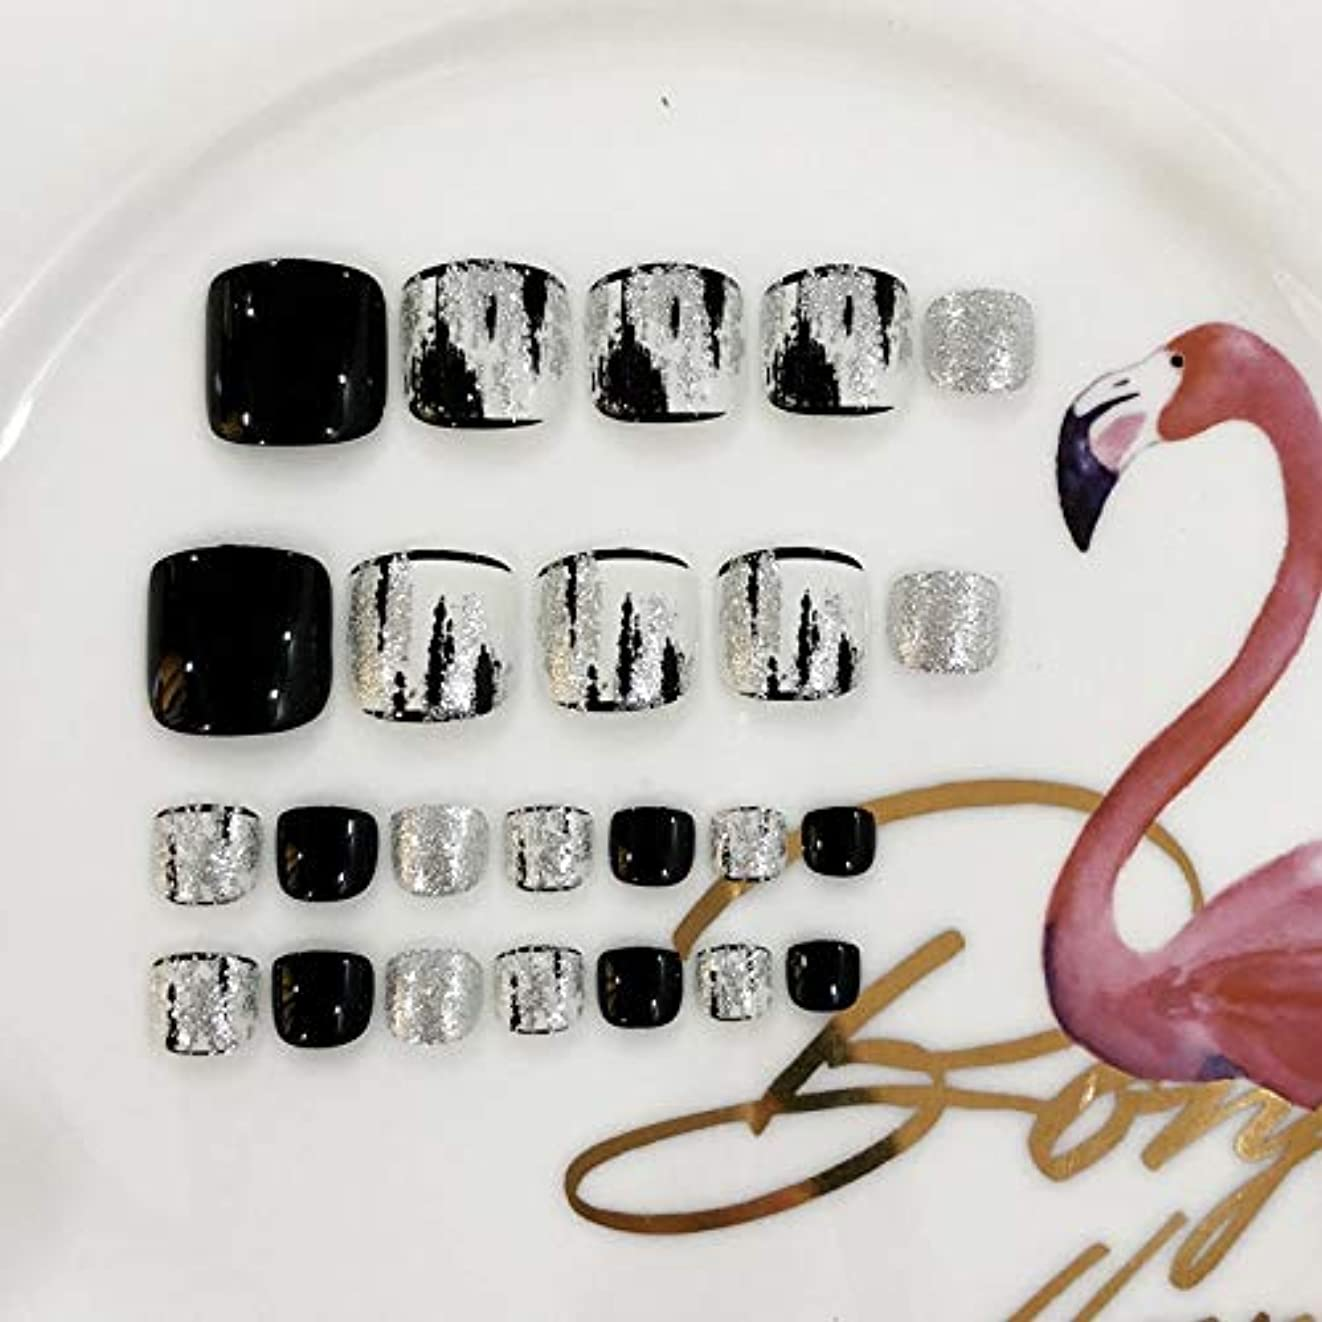 ミニチュア労働者ビュッフェAFAEF HOME ブラックシルバー耐久性のある防水偽爪キット24個の偽爪、接着剤付き